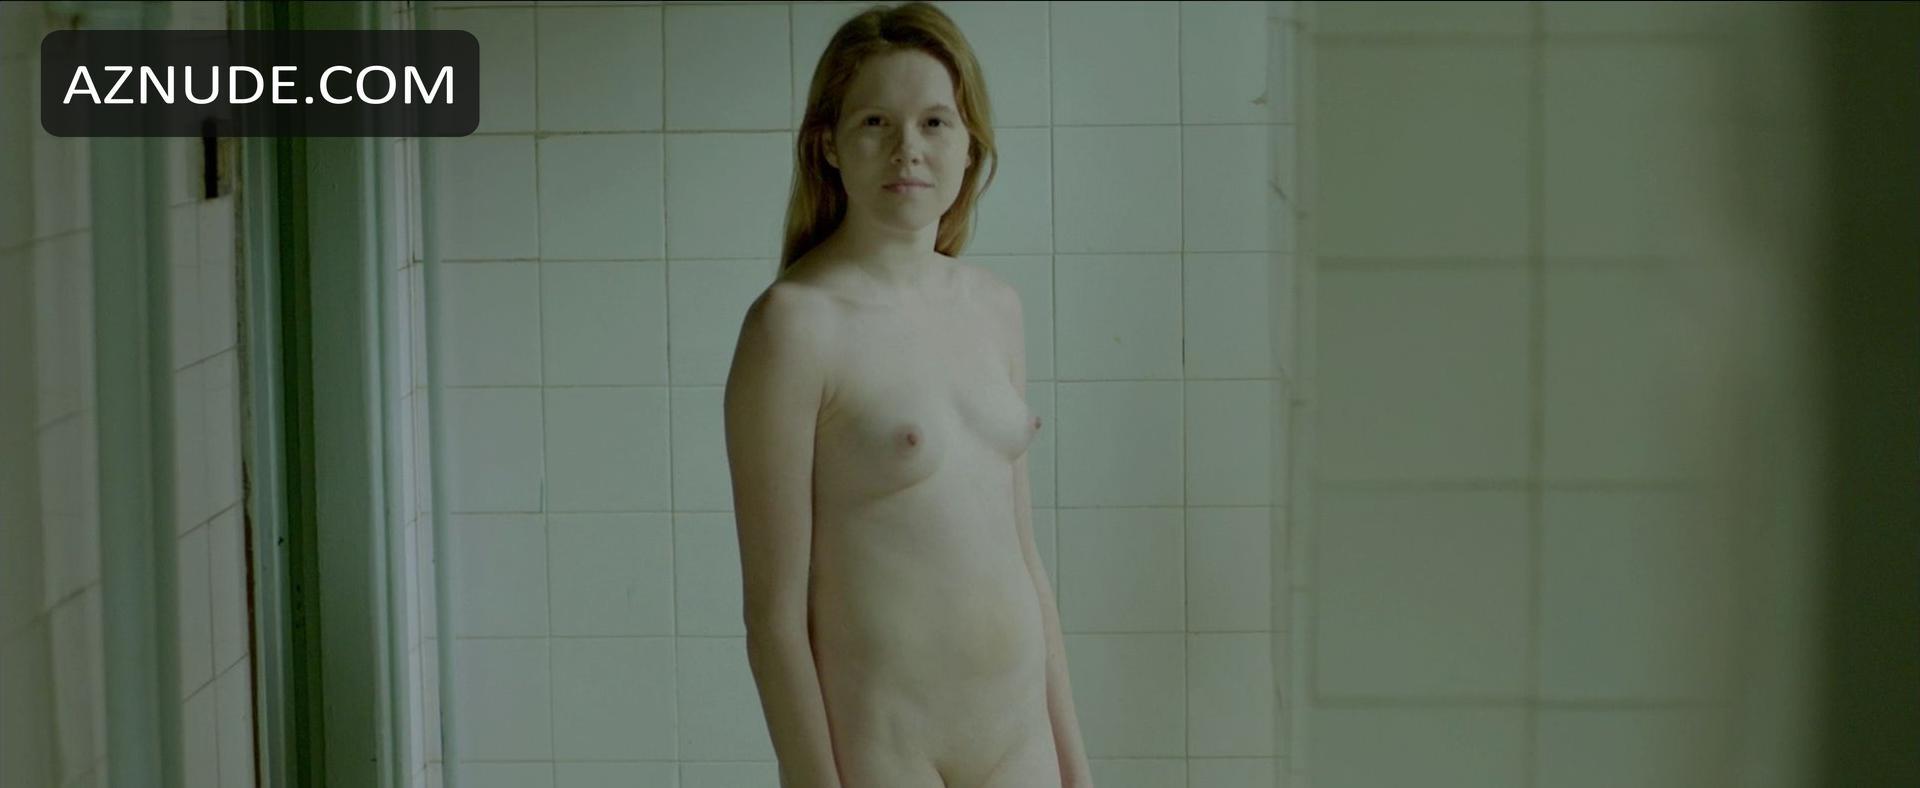 Giulia Gorietti Nude browse celebrity nude images - page 3593 - aznude